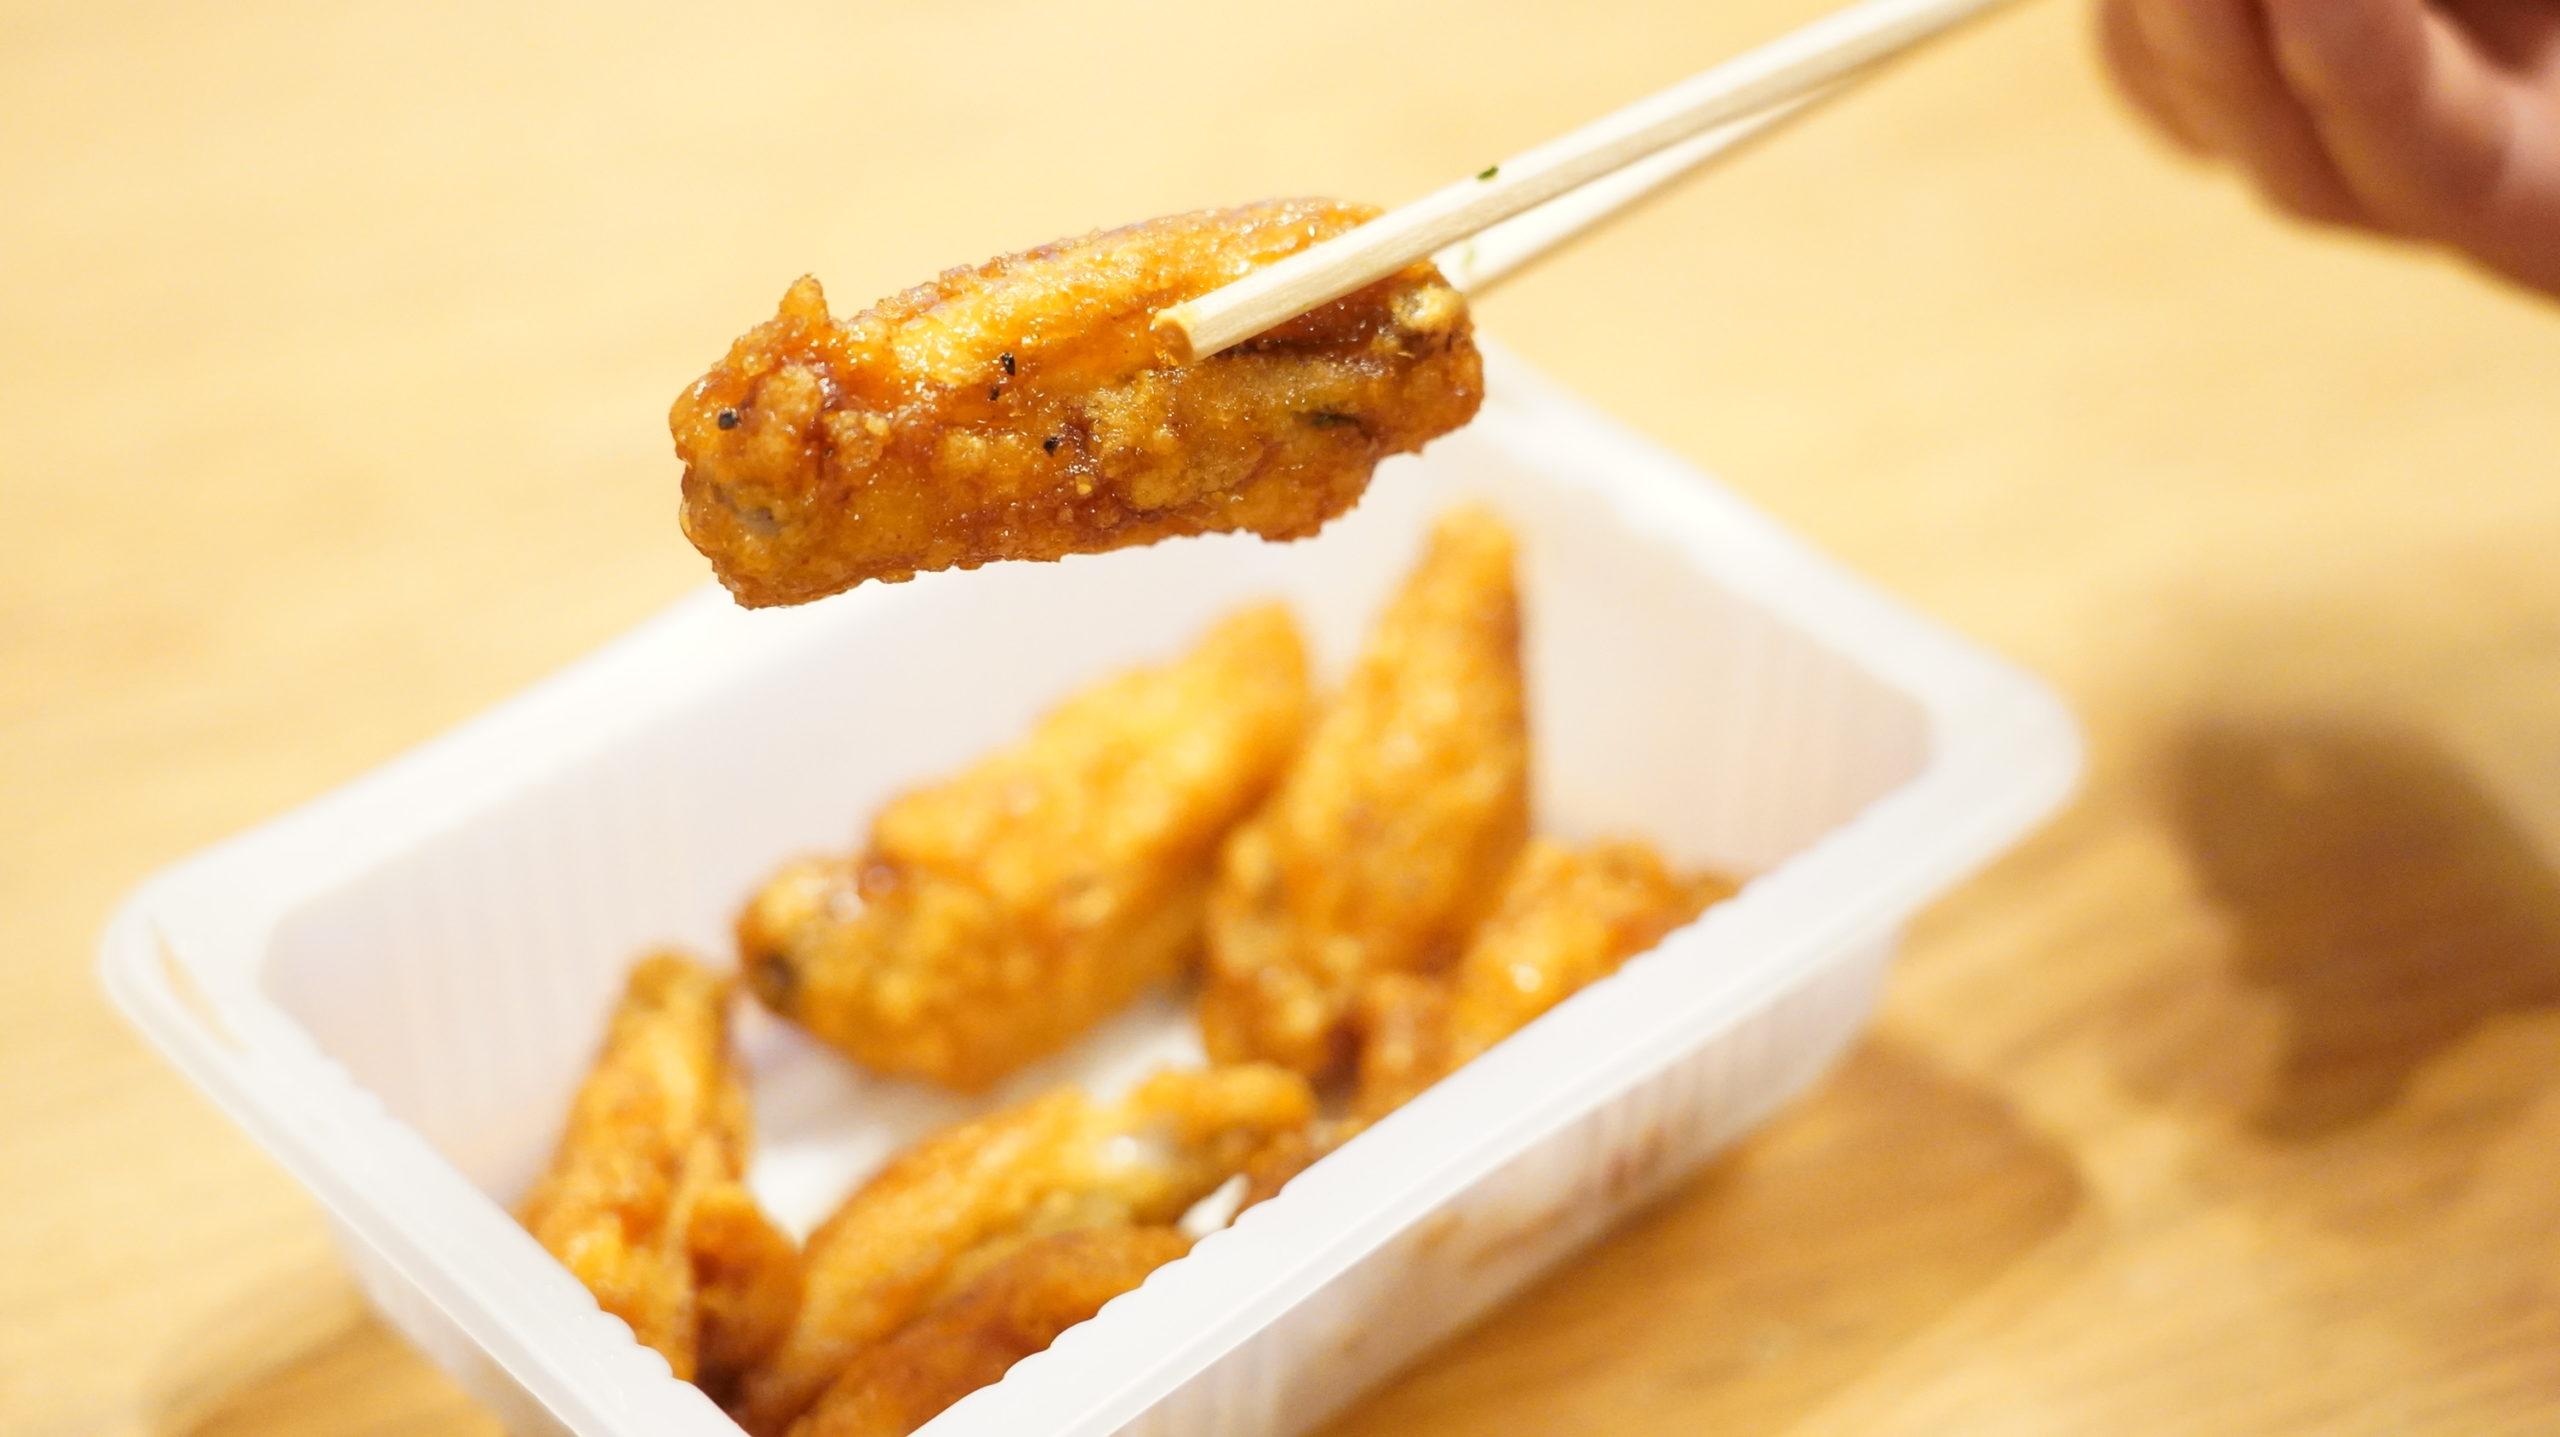 セブンイレブンの冷凍食品「おかずやおつまみに・手羽中唐揚げ」を箸でつまんでいる写真